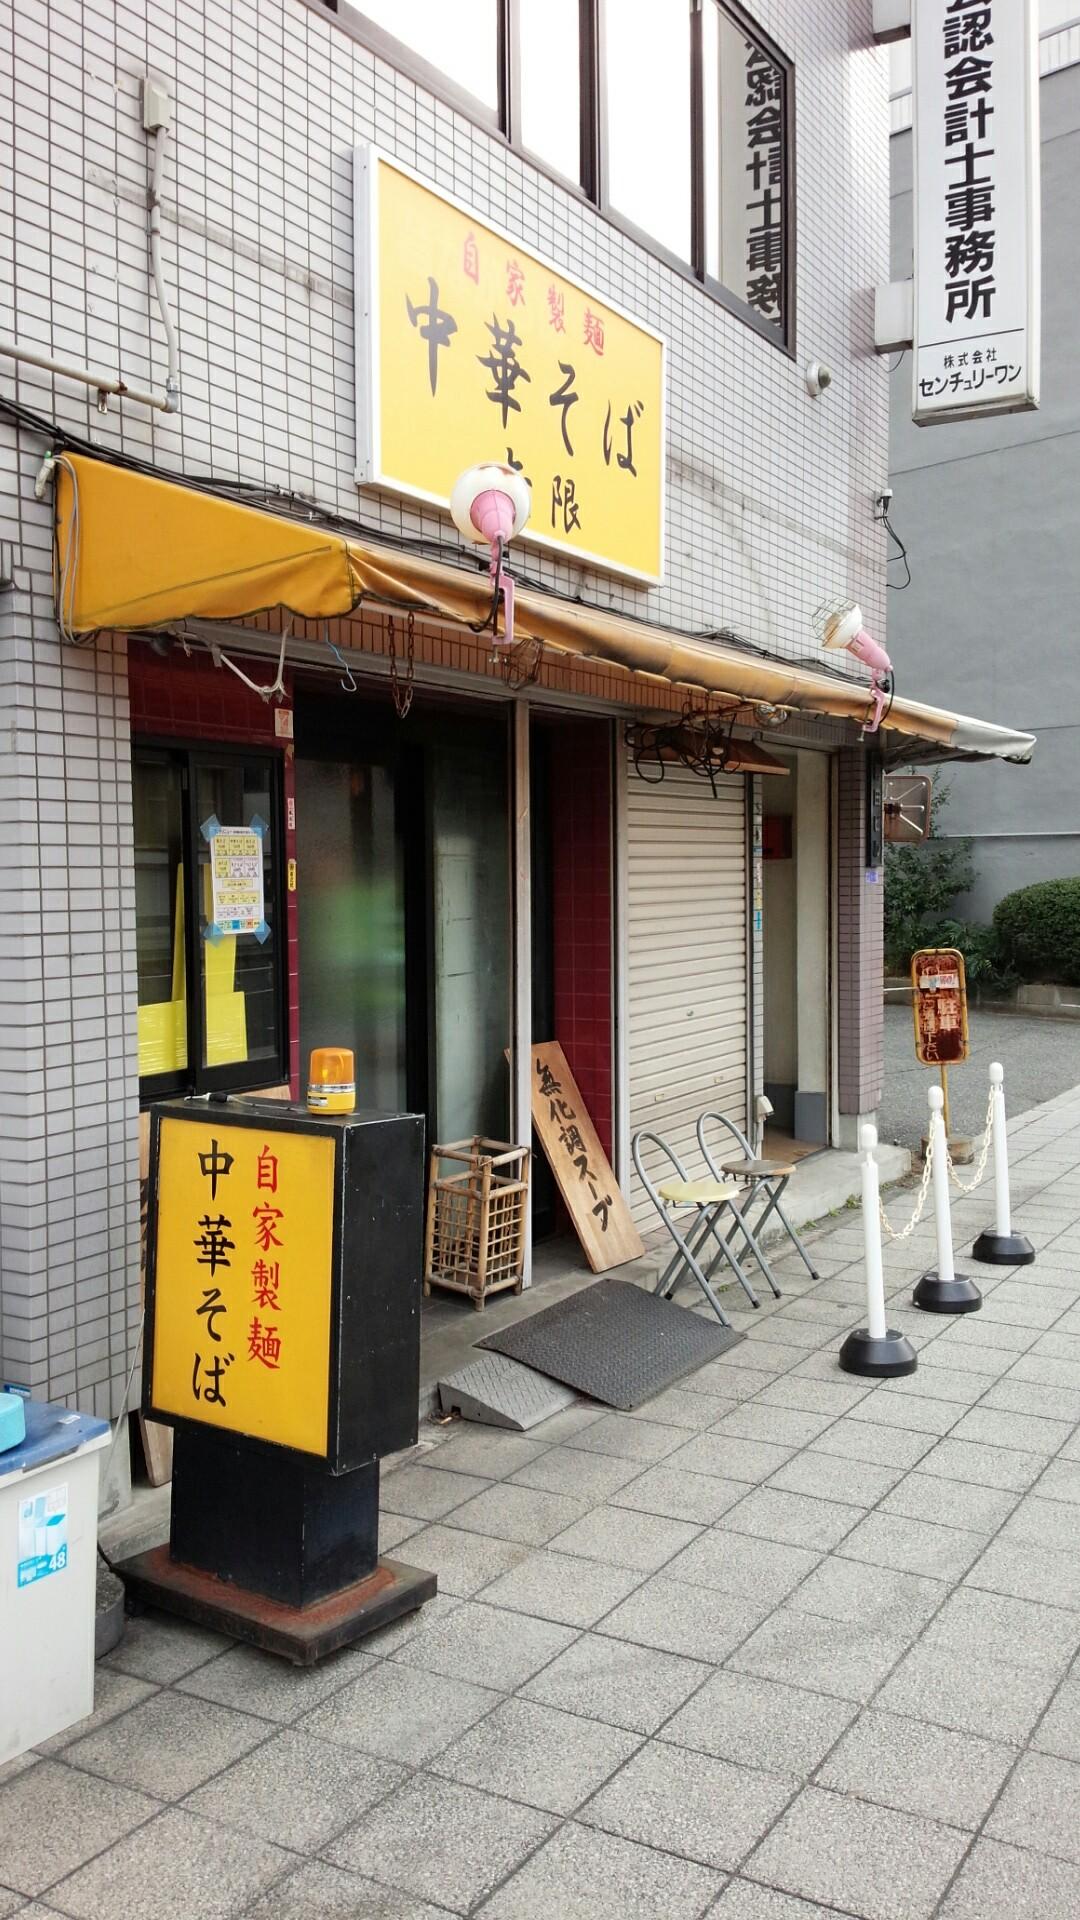 大阪市福島区ラーメン - とりめん365 神戸のラーメンブログ